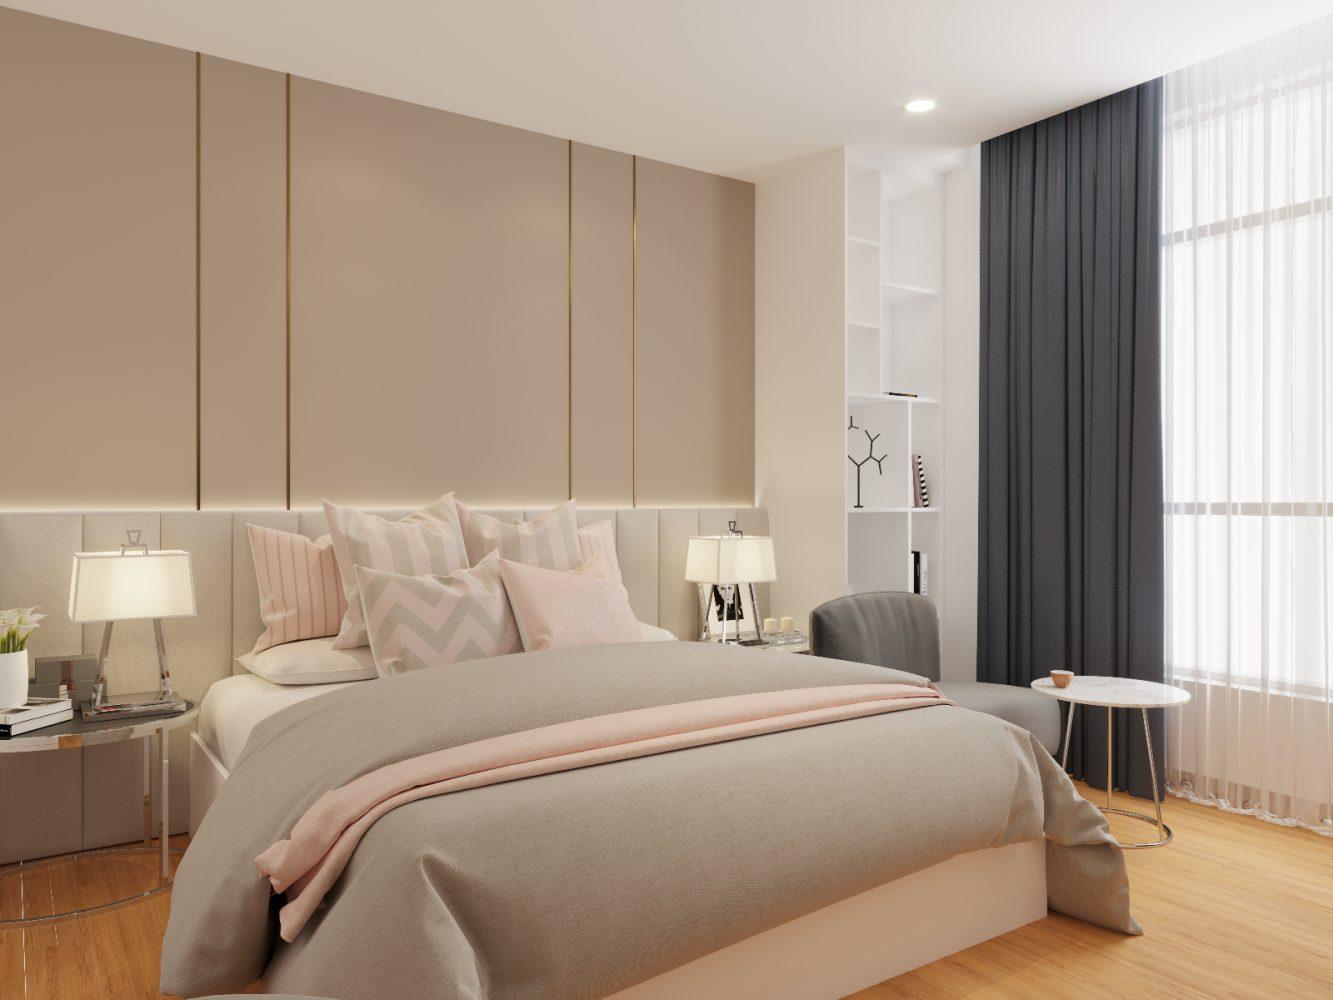 Thiết kế nội thất căn hộ 3 phòng ngủ - 08